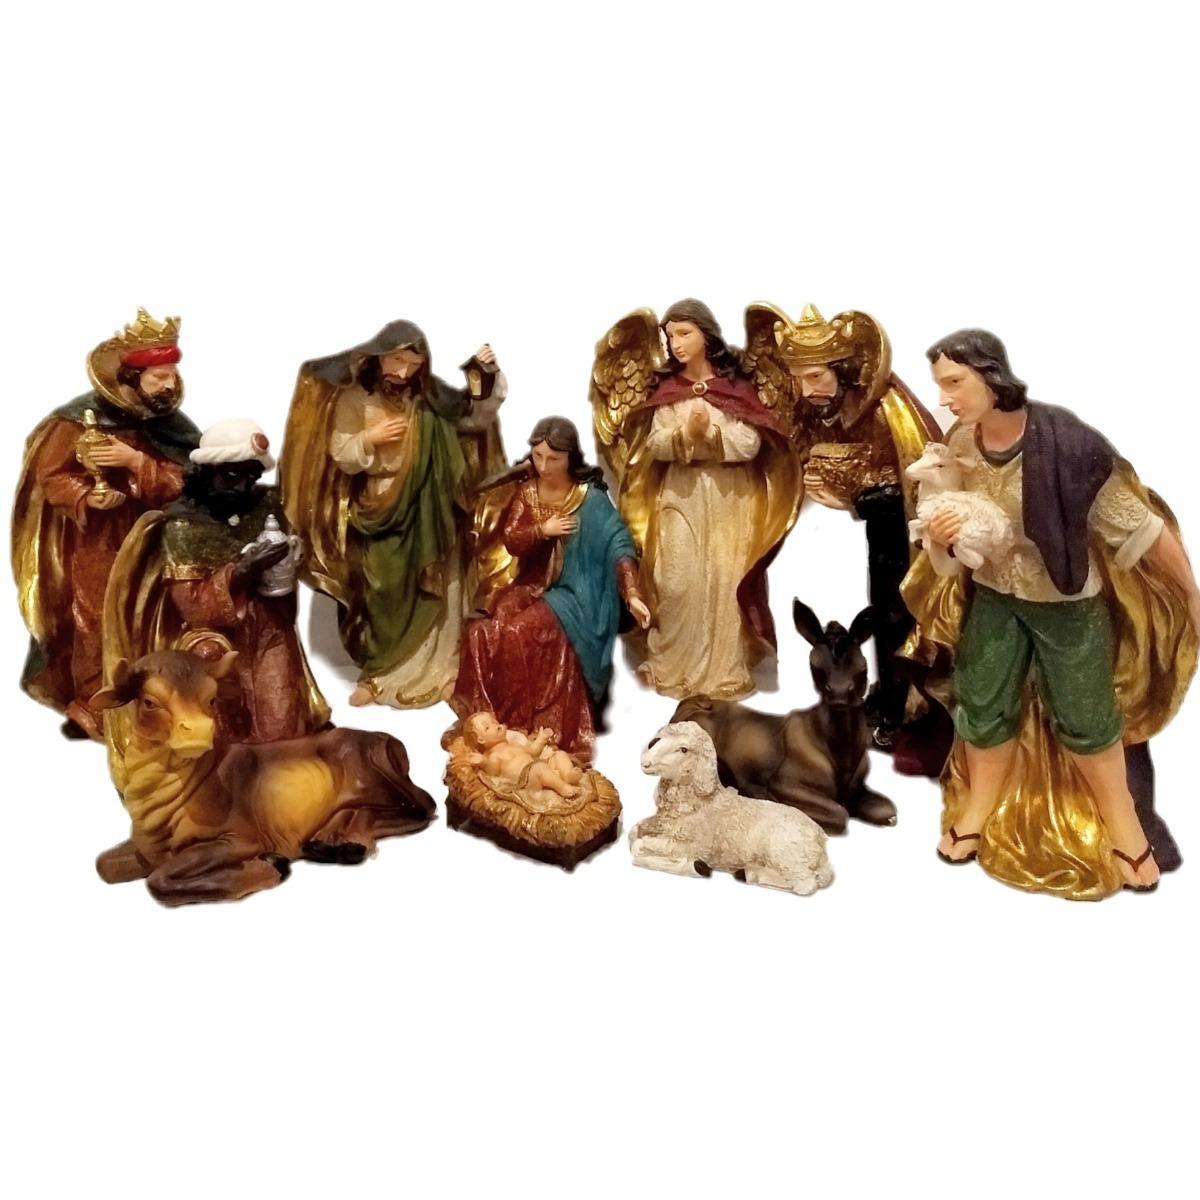 258c2fa00ce Bello nacimiento grande en fina resina decoración navidad cargando zoom jpg  1200x1200 Navidad grande decoraciones de